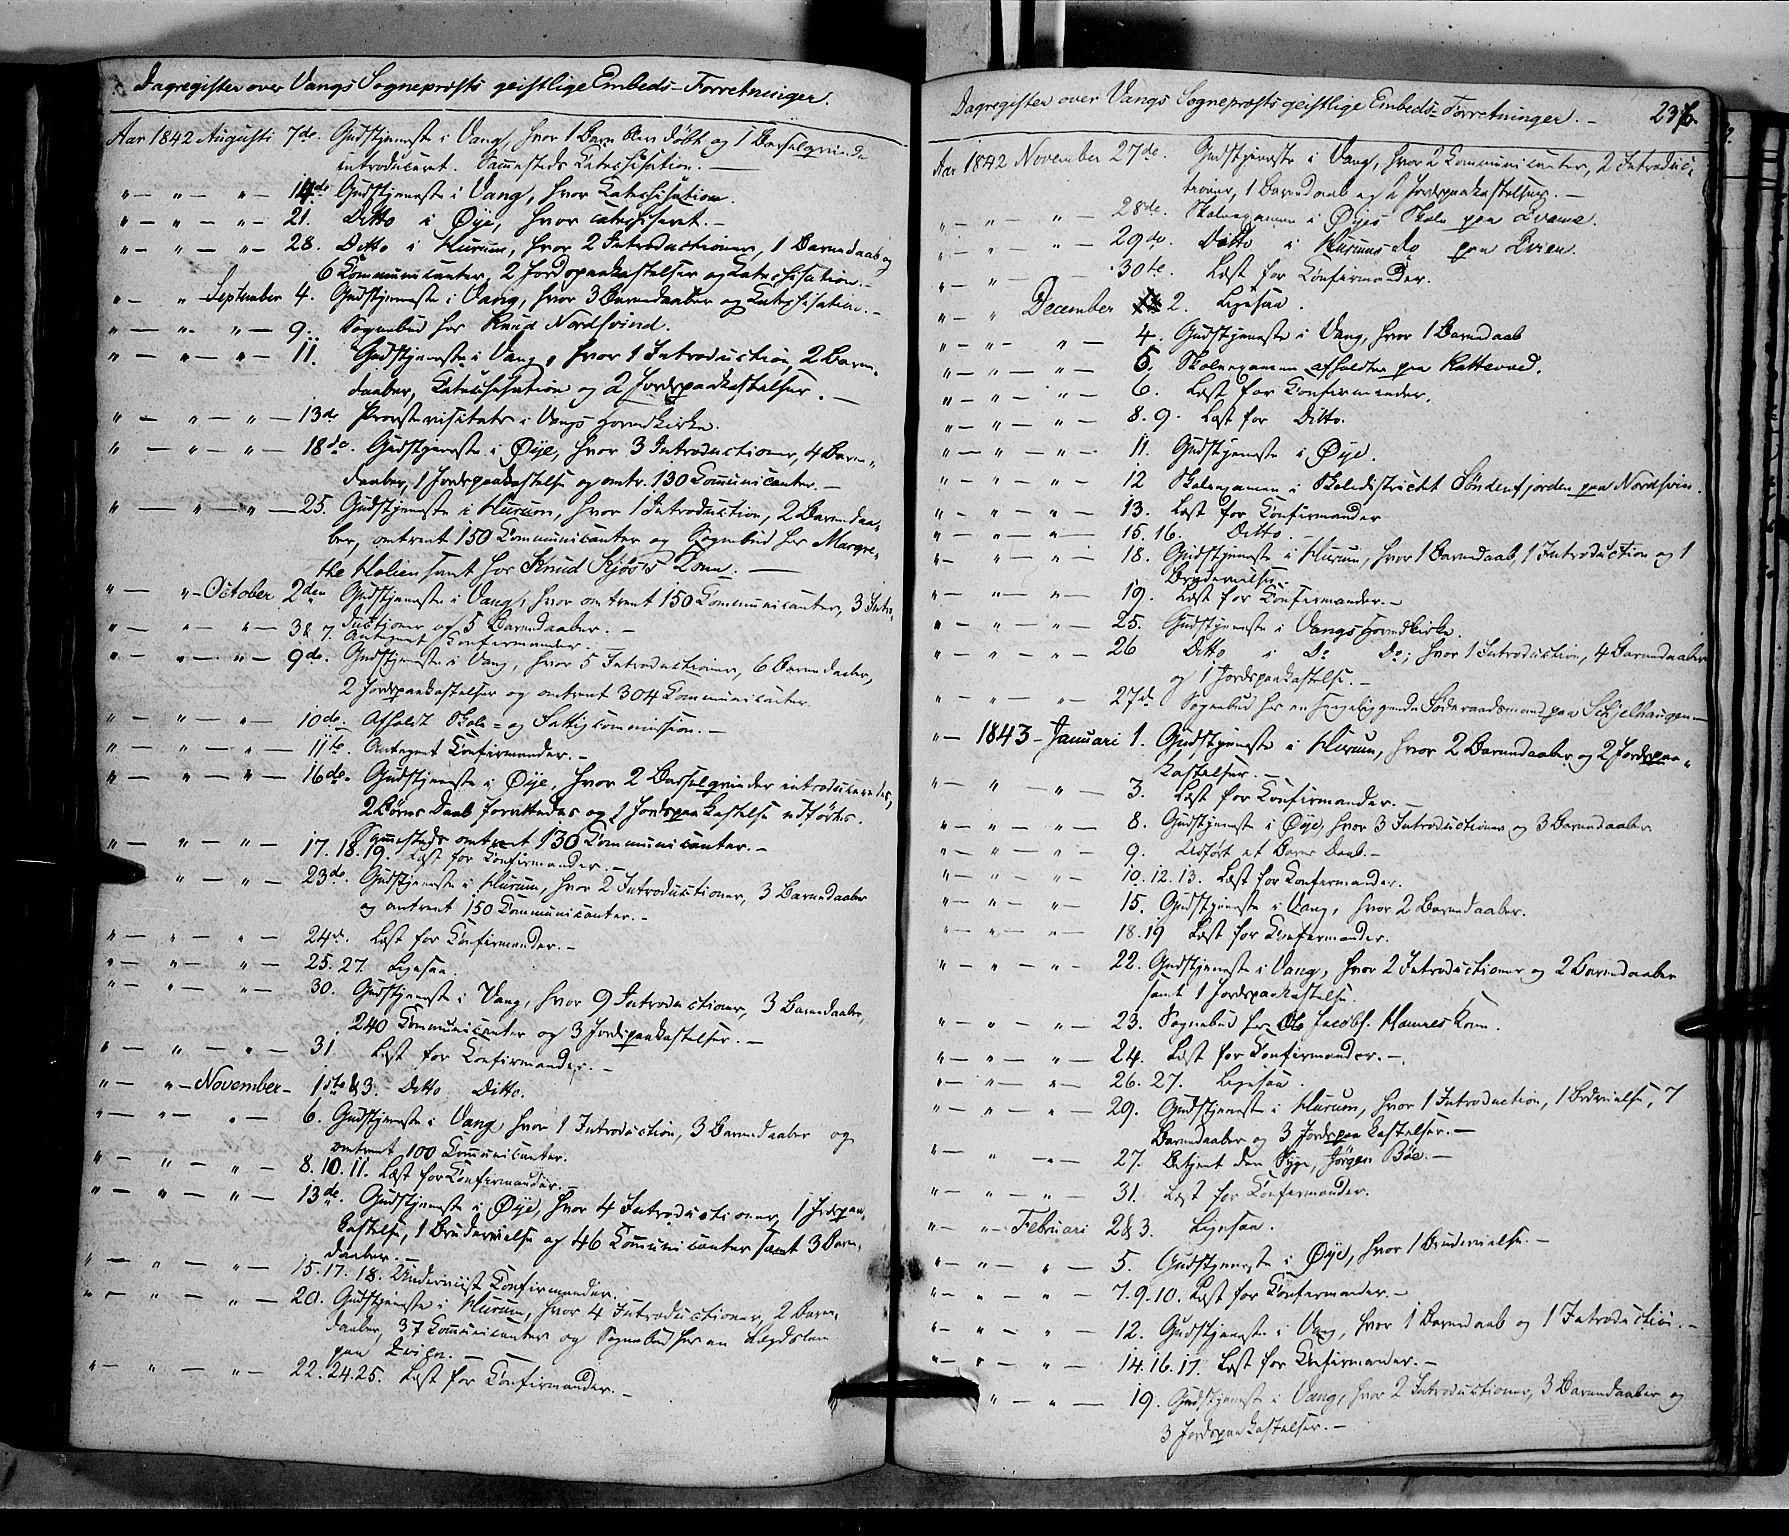 SAH, Vang prestekontor, Valdres, Ministerialbok nr. 5, 1831-1845, s. 236